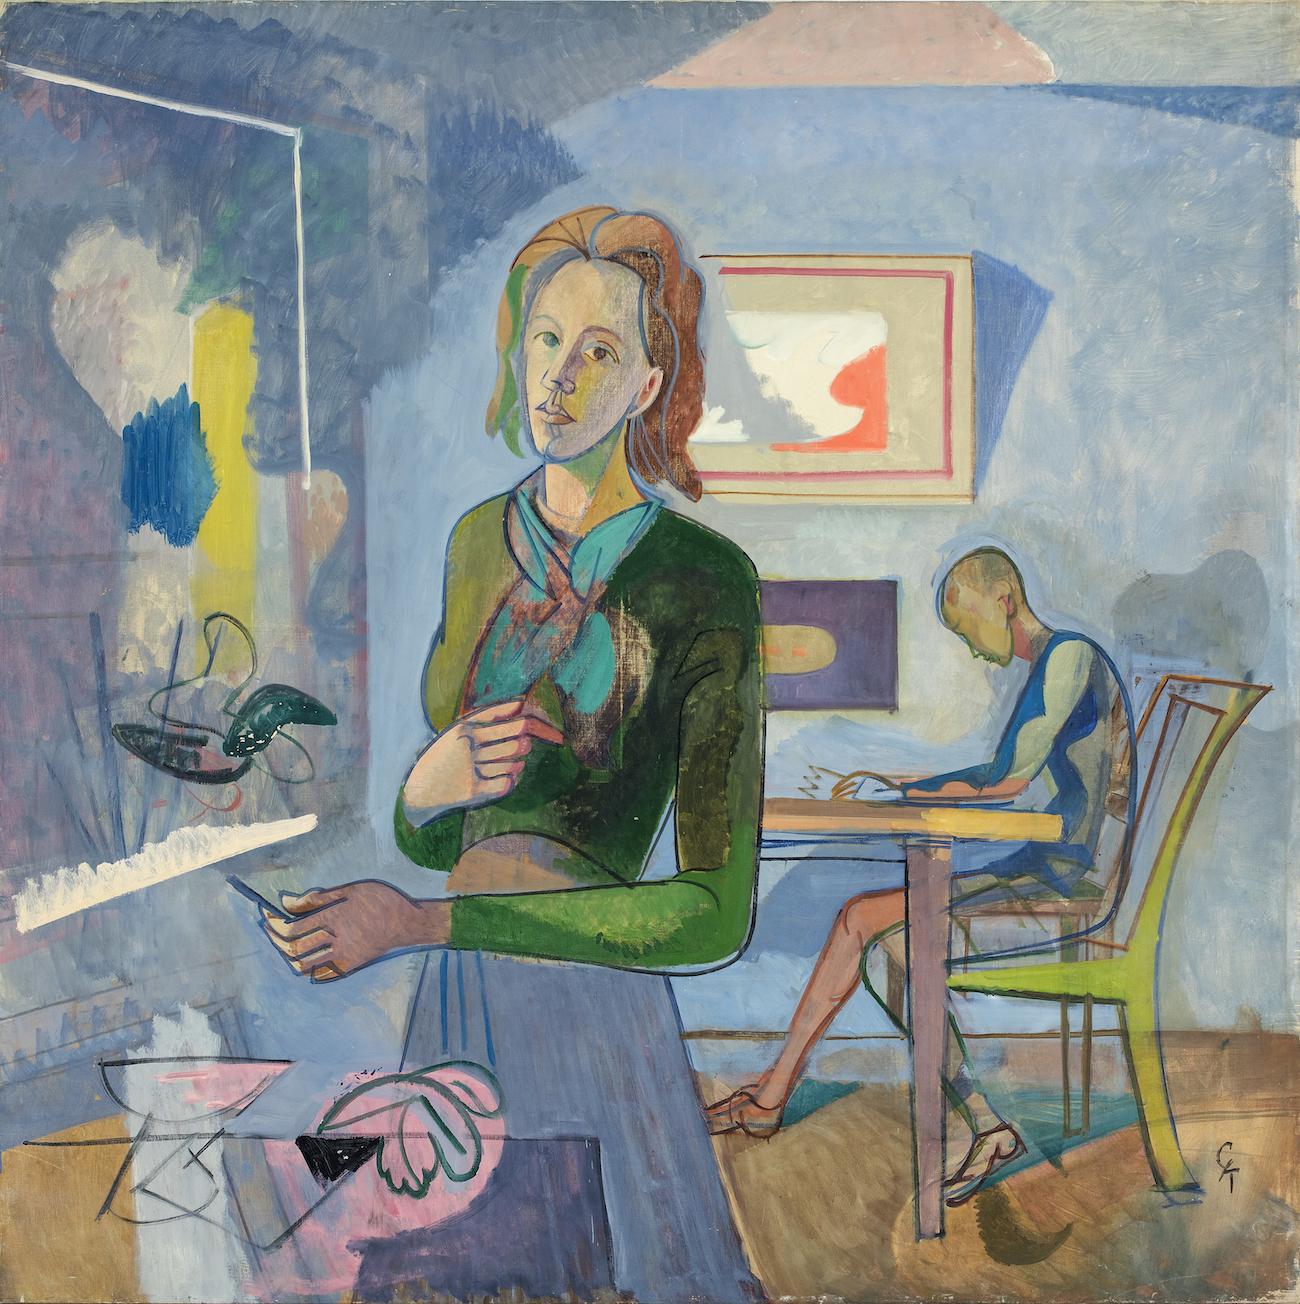 Greta Knutson Tzara, Interiör med kvinna och barn, 1940-tal. Bild via Norrköpings Konstmuseum